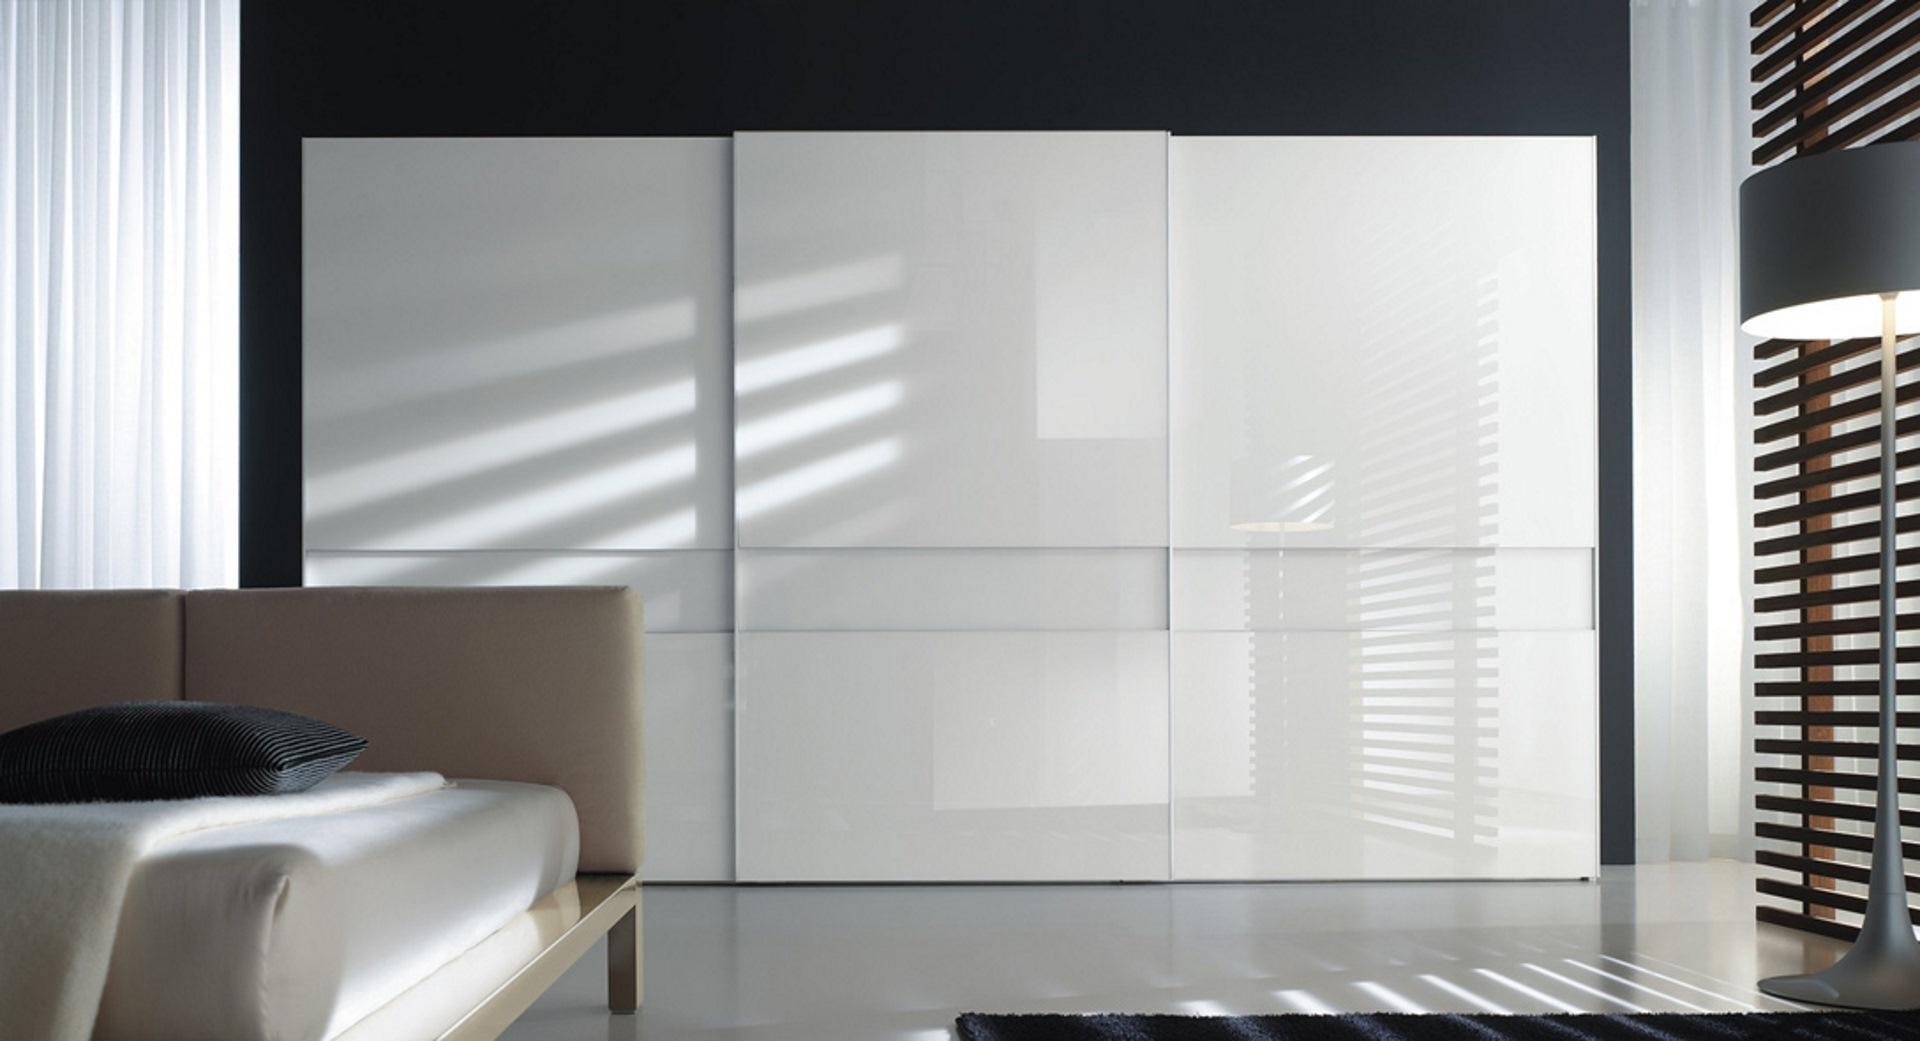 Sistema armadi_Extra_armadio a 3 ante scorrevoli con profilo alluminio e vetro laccato calce